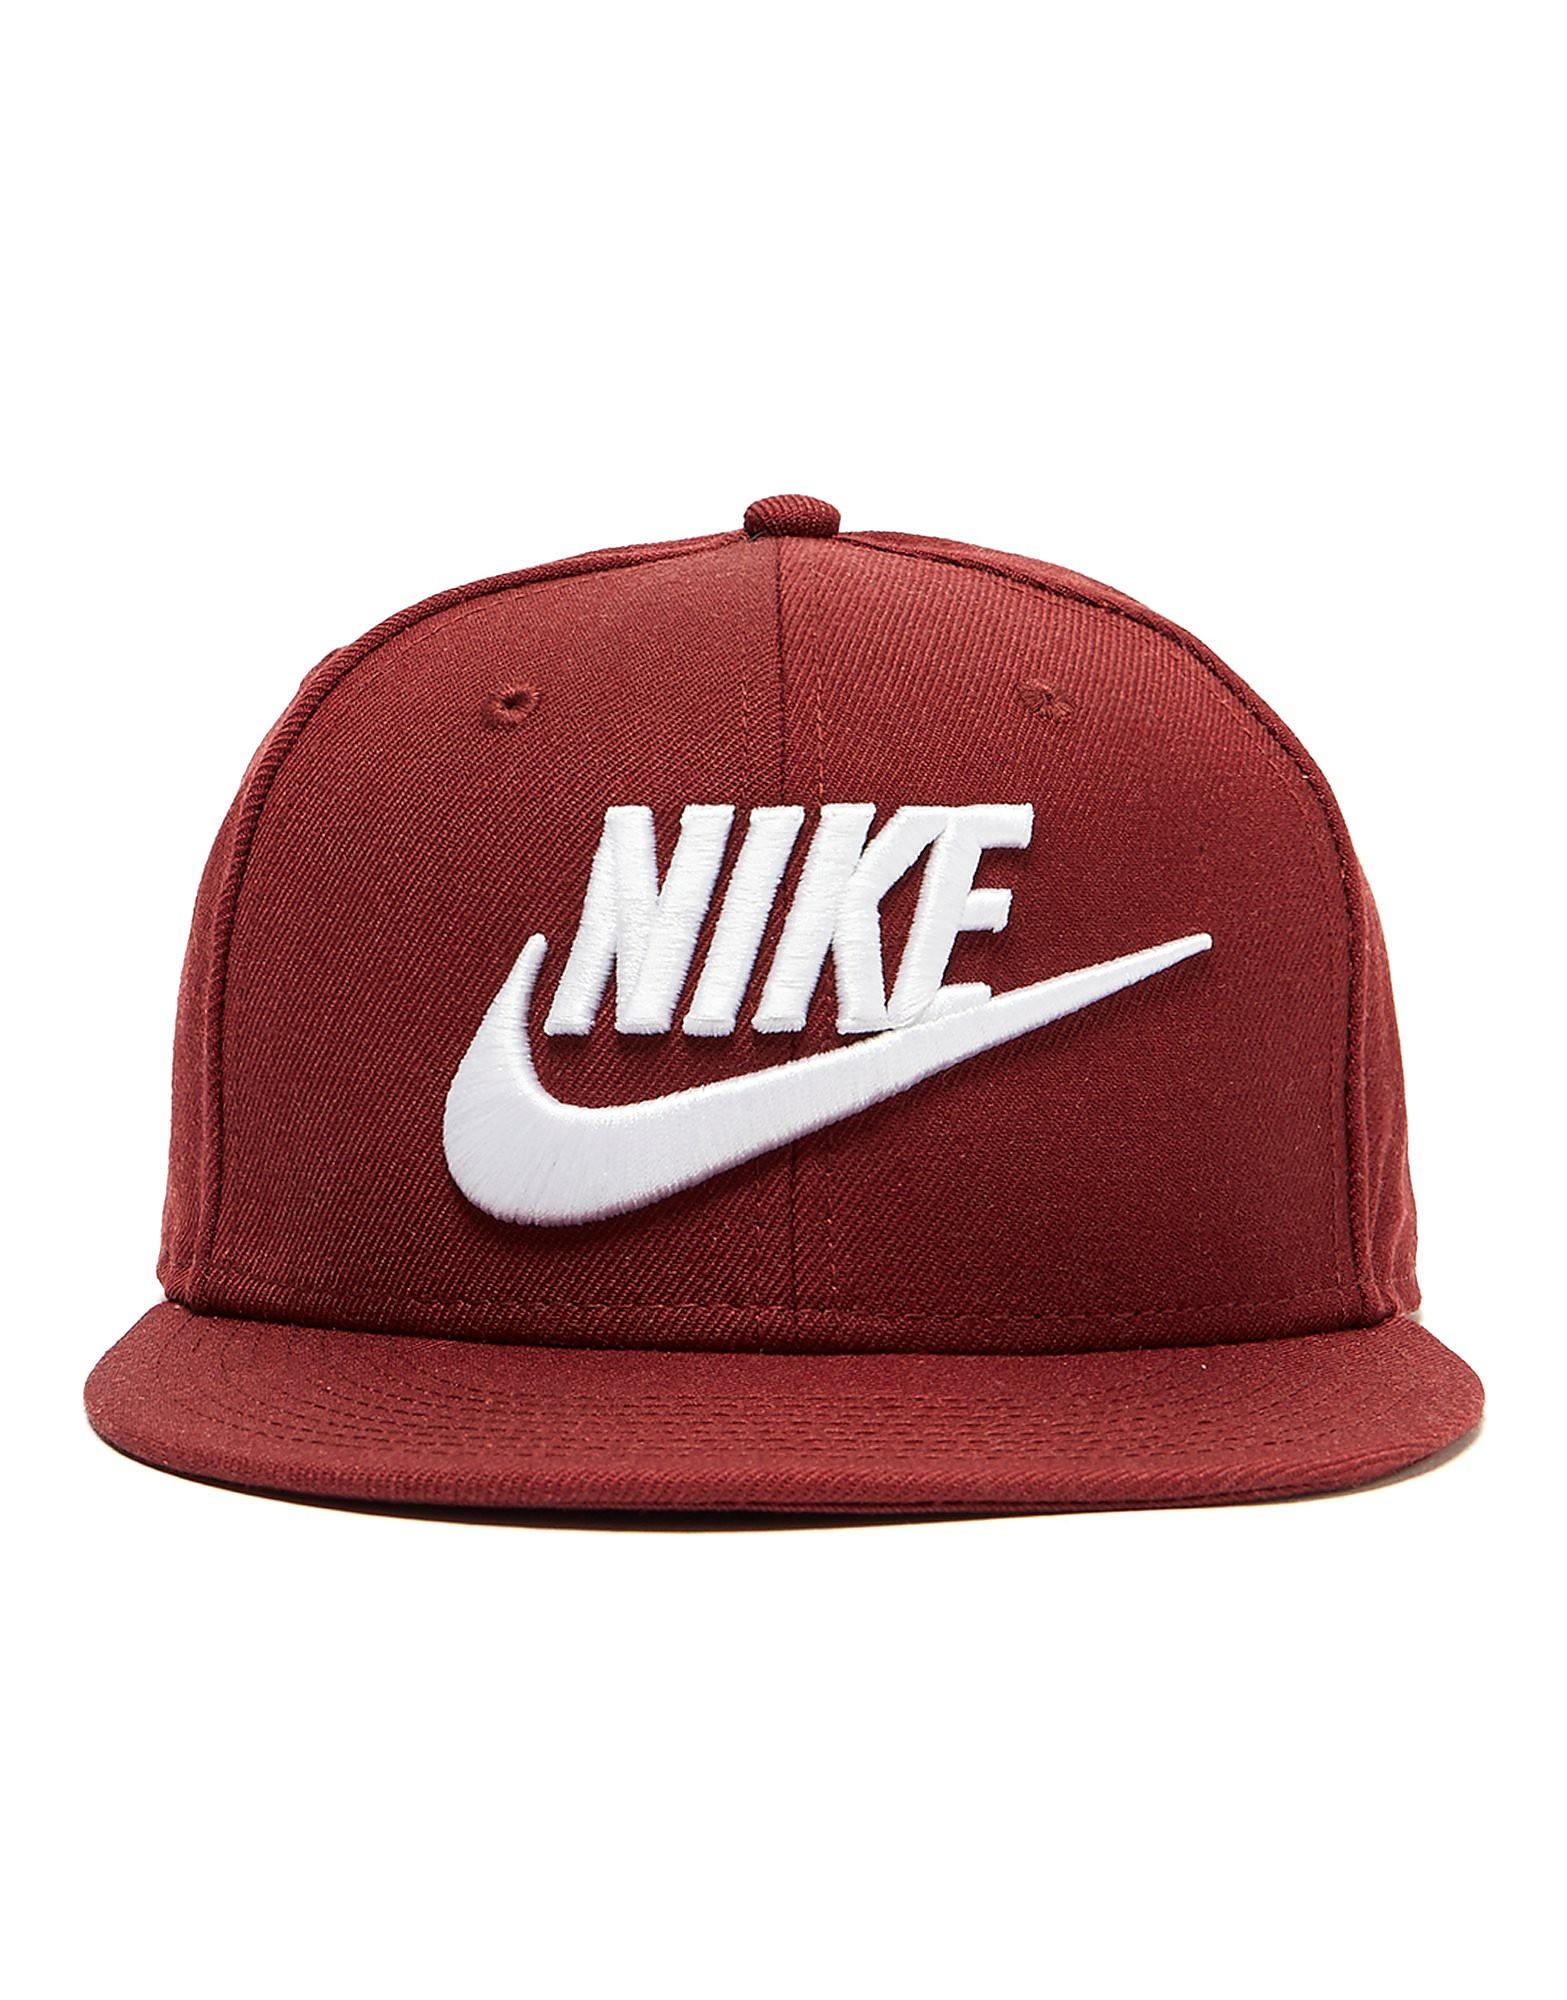 Nike Casquette Snapback Futura True 2 Homme